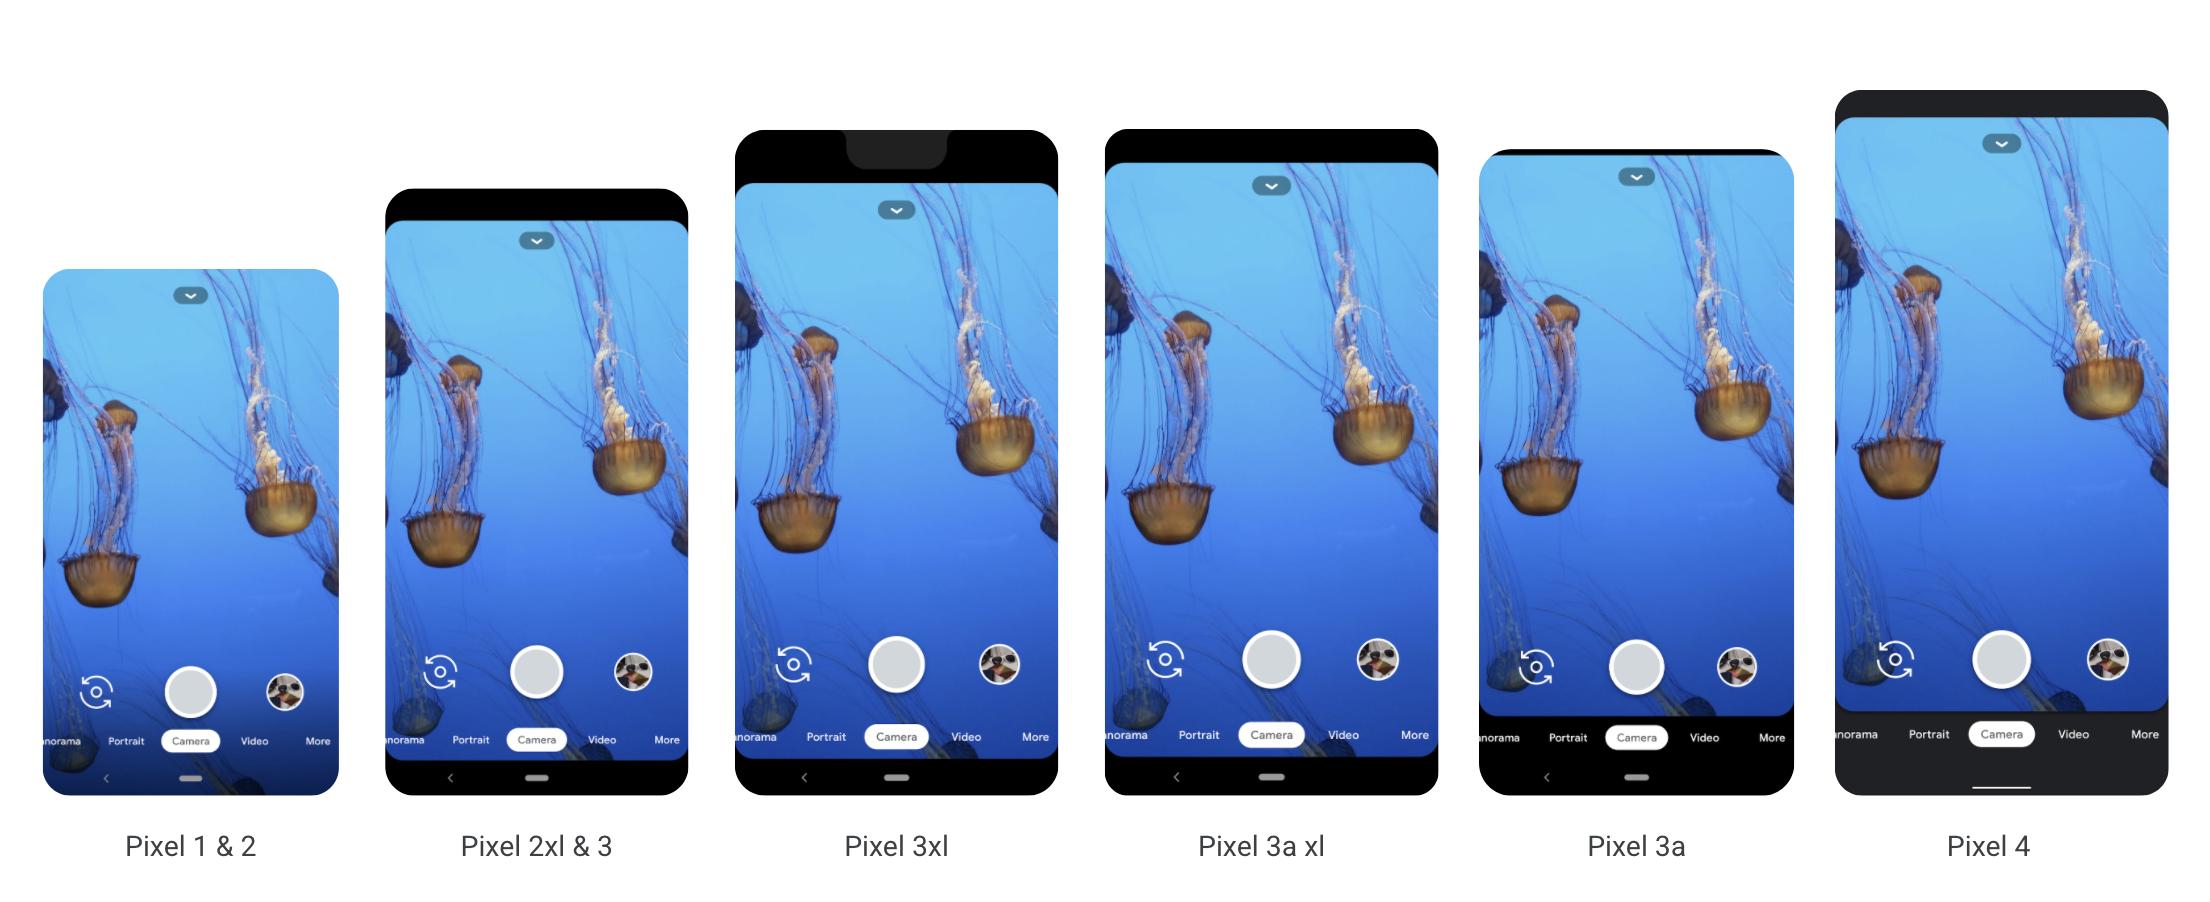 scaling-pixel-camera-app-aspect-ratio-16-9